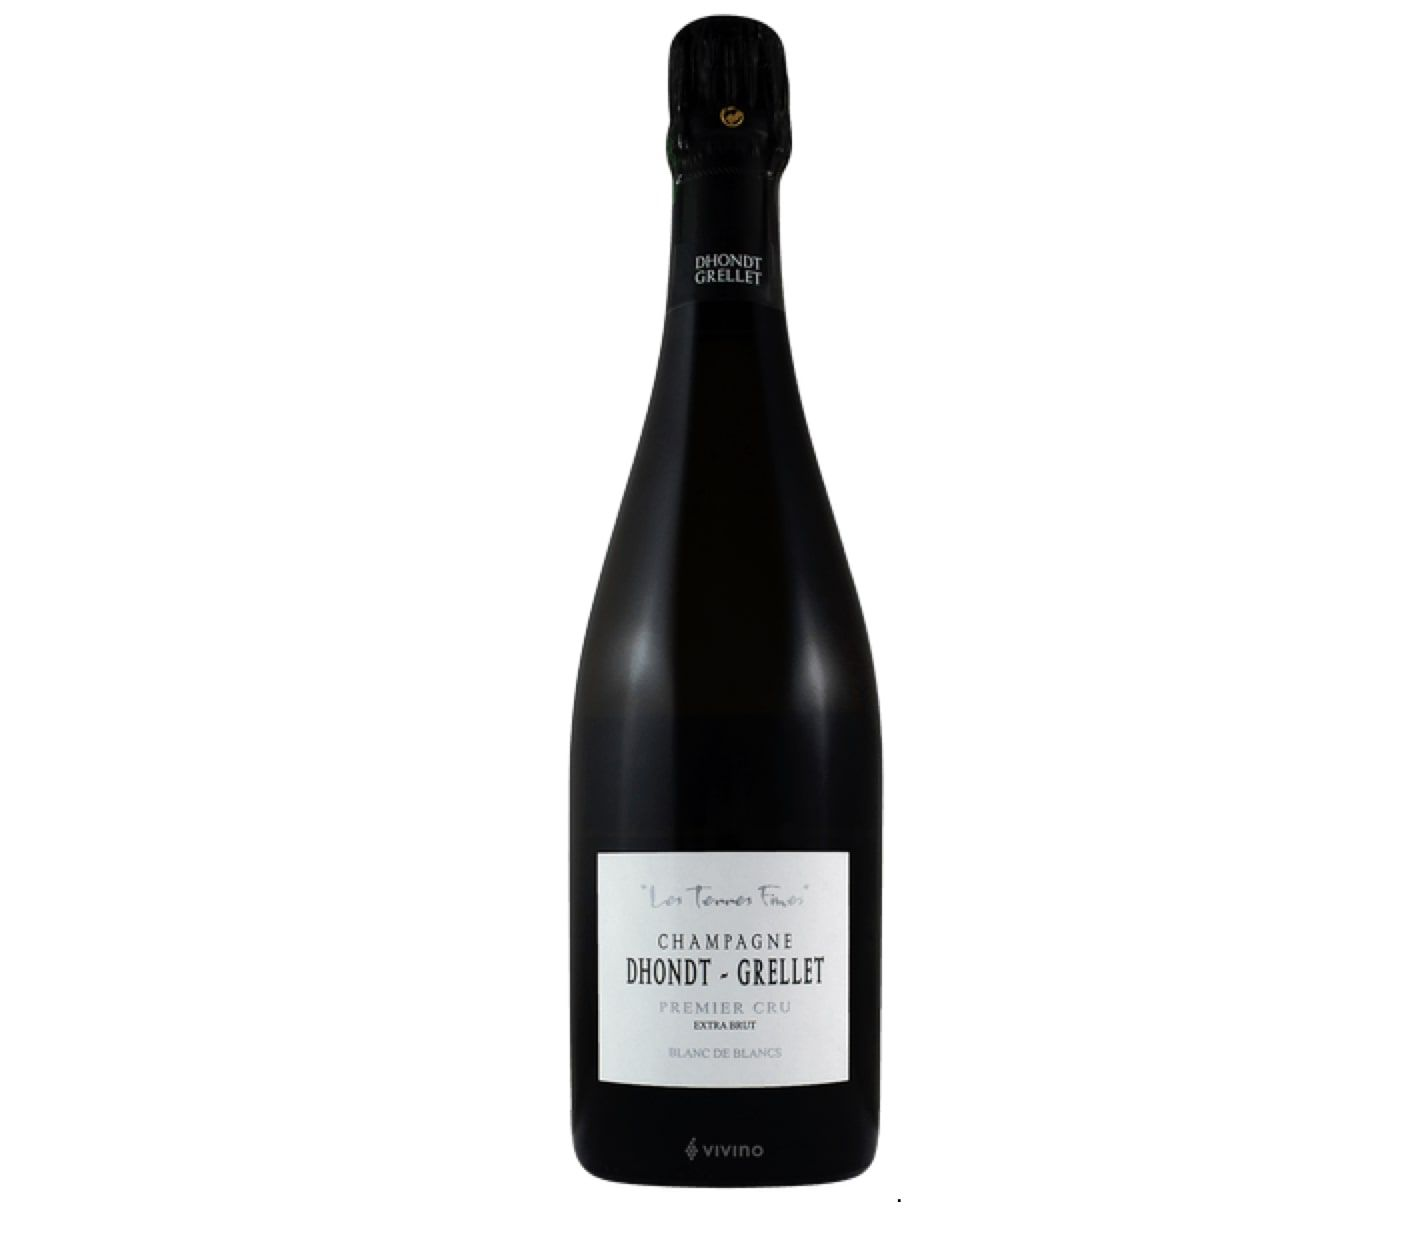 Dhondt-Grellet Champagne